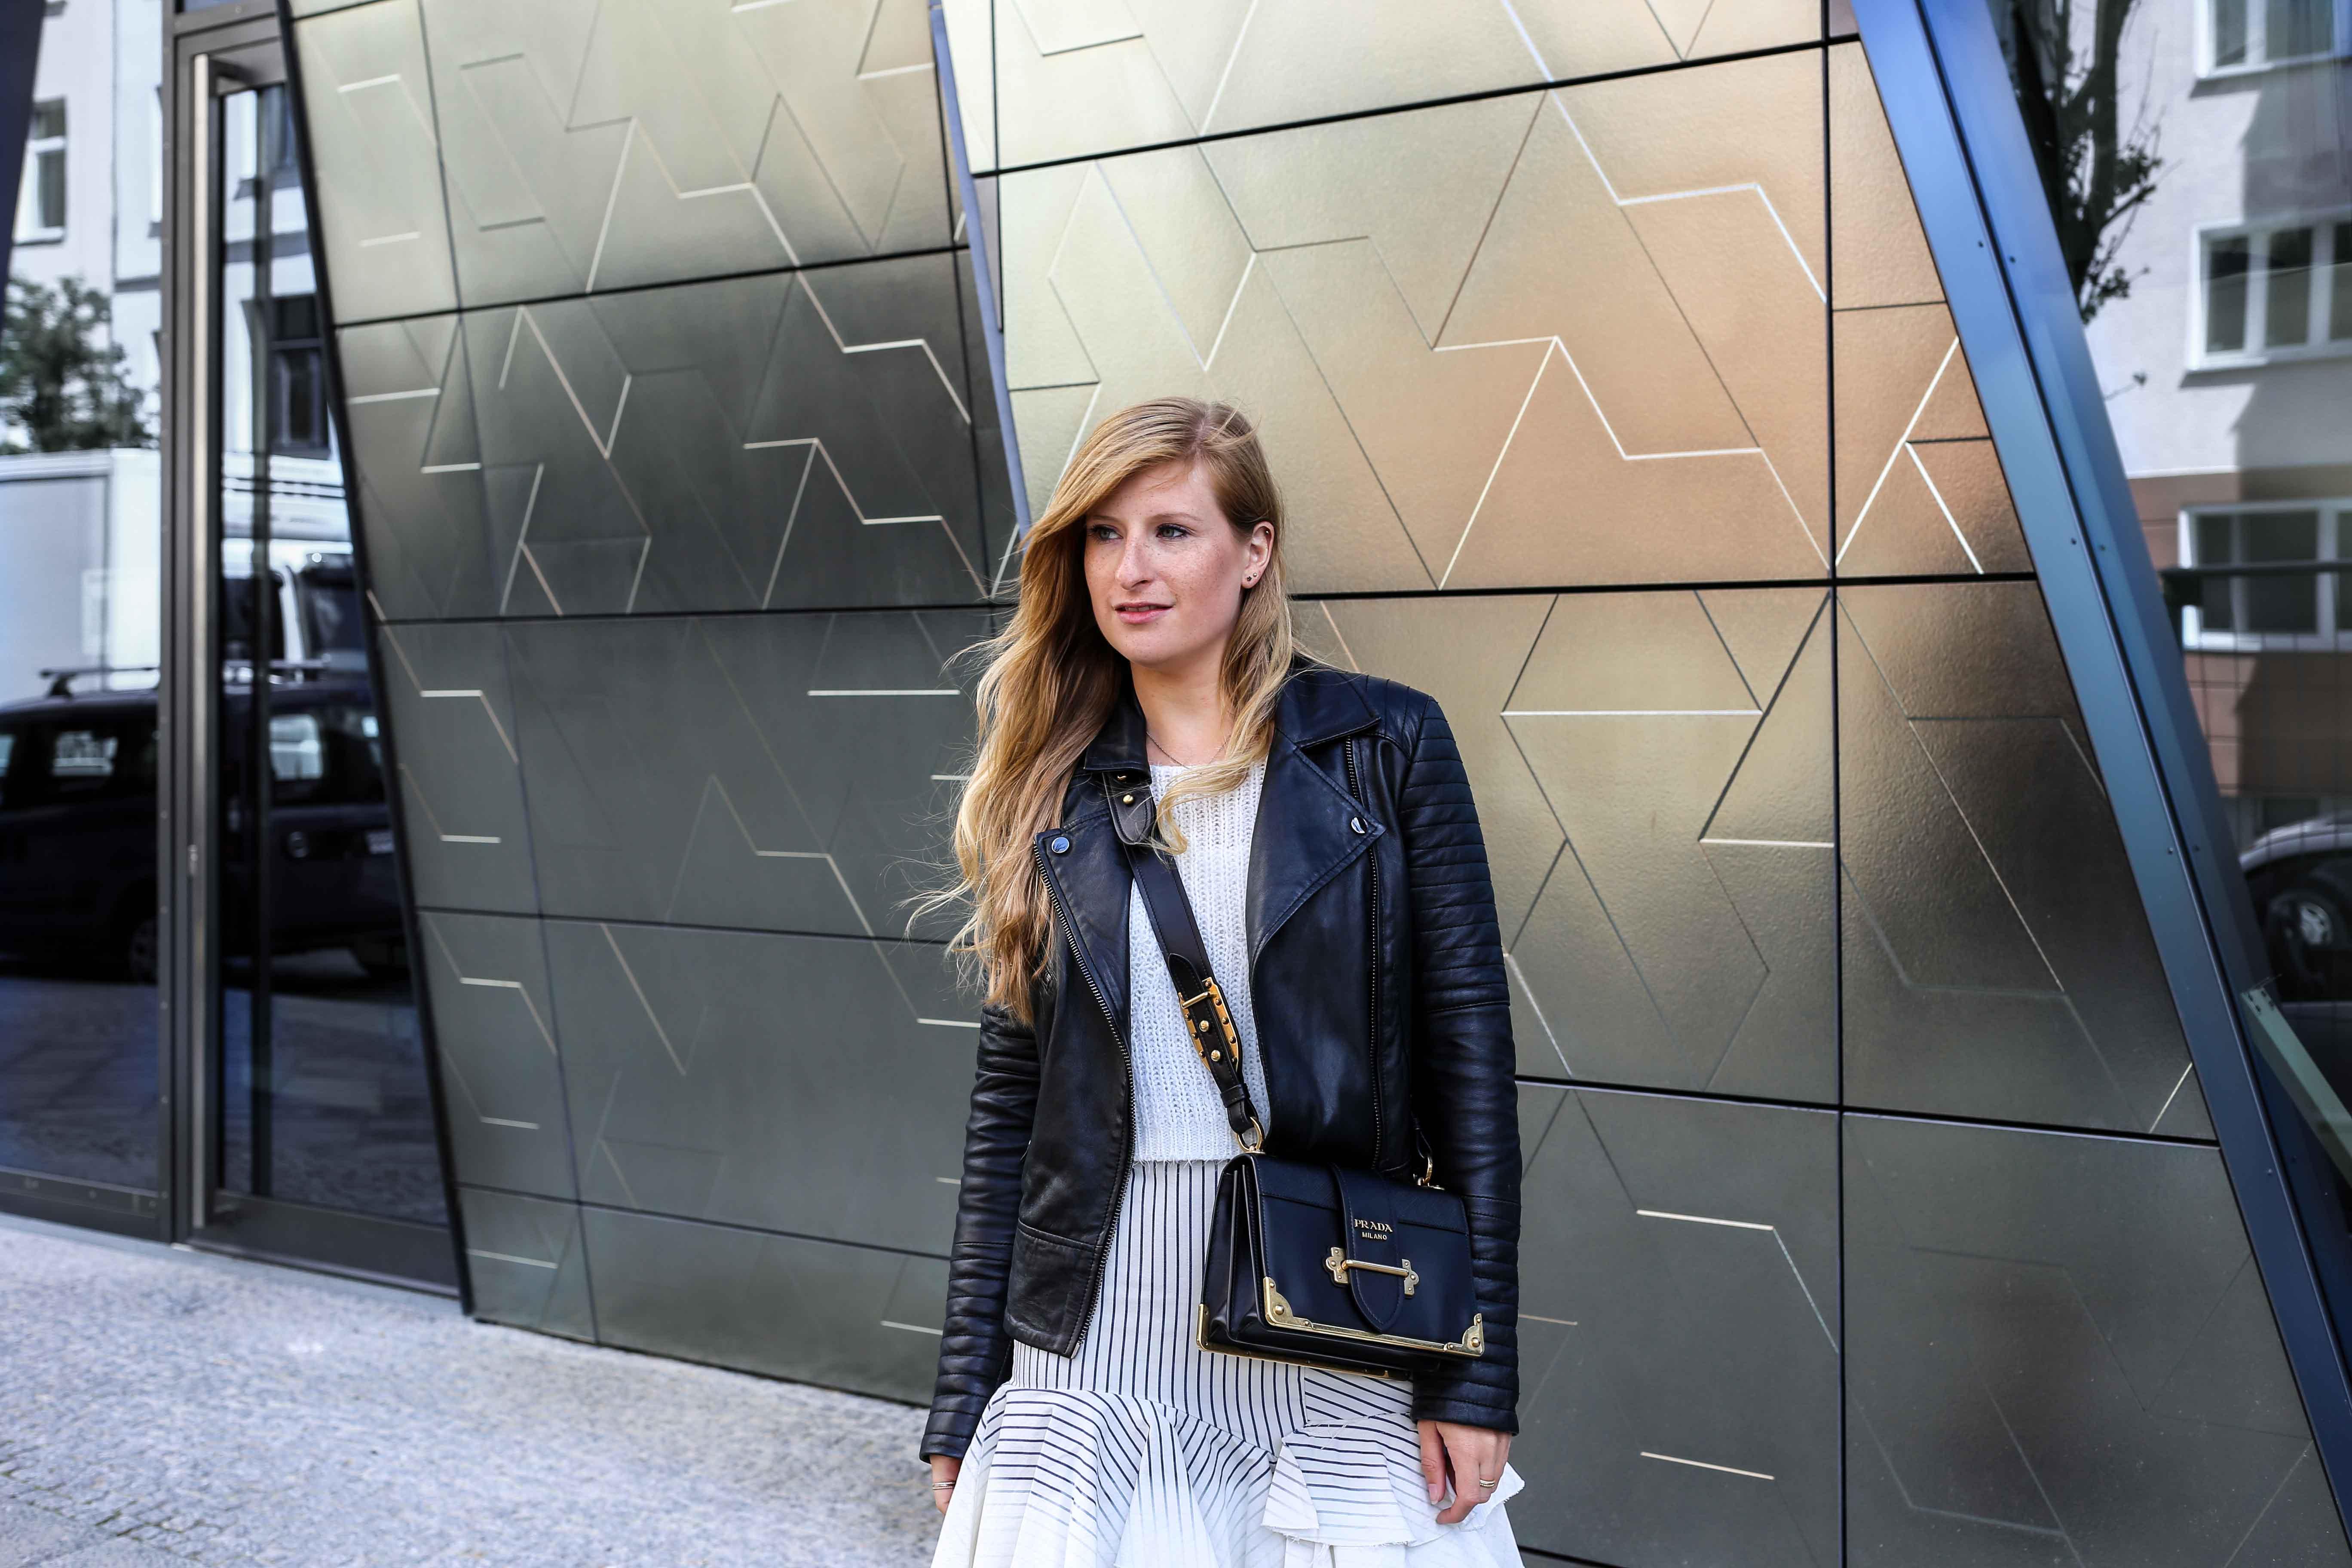 Fashion Week Outfit Berlin Asymmetrischer Jeansrock Streifen Zara Crop Top Mules Lederjacke Streetstyle Modeblog 9